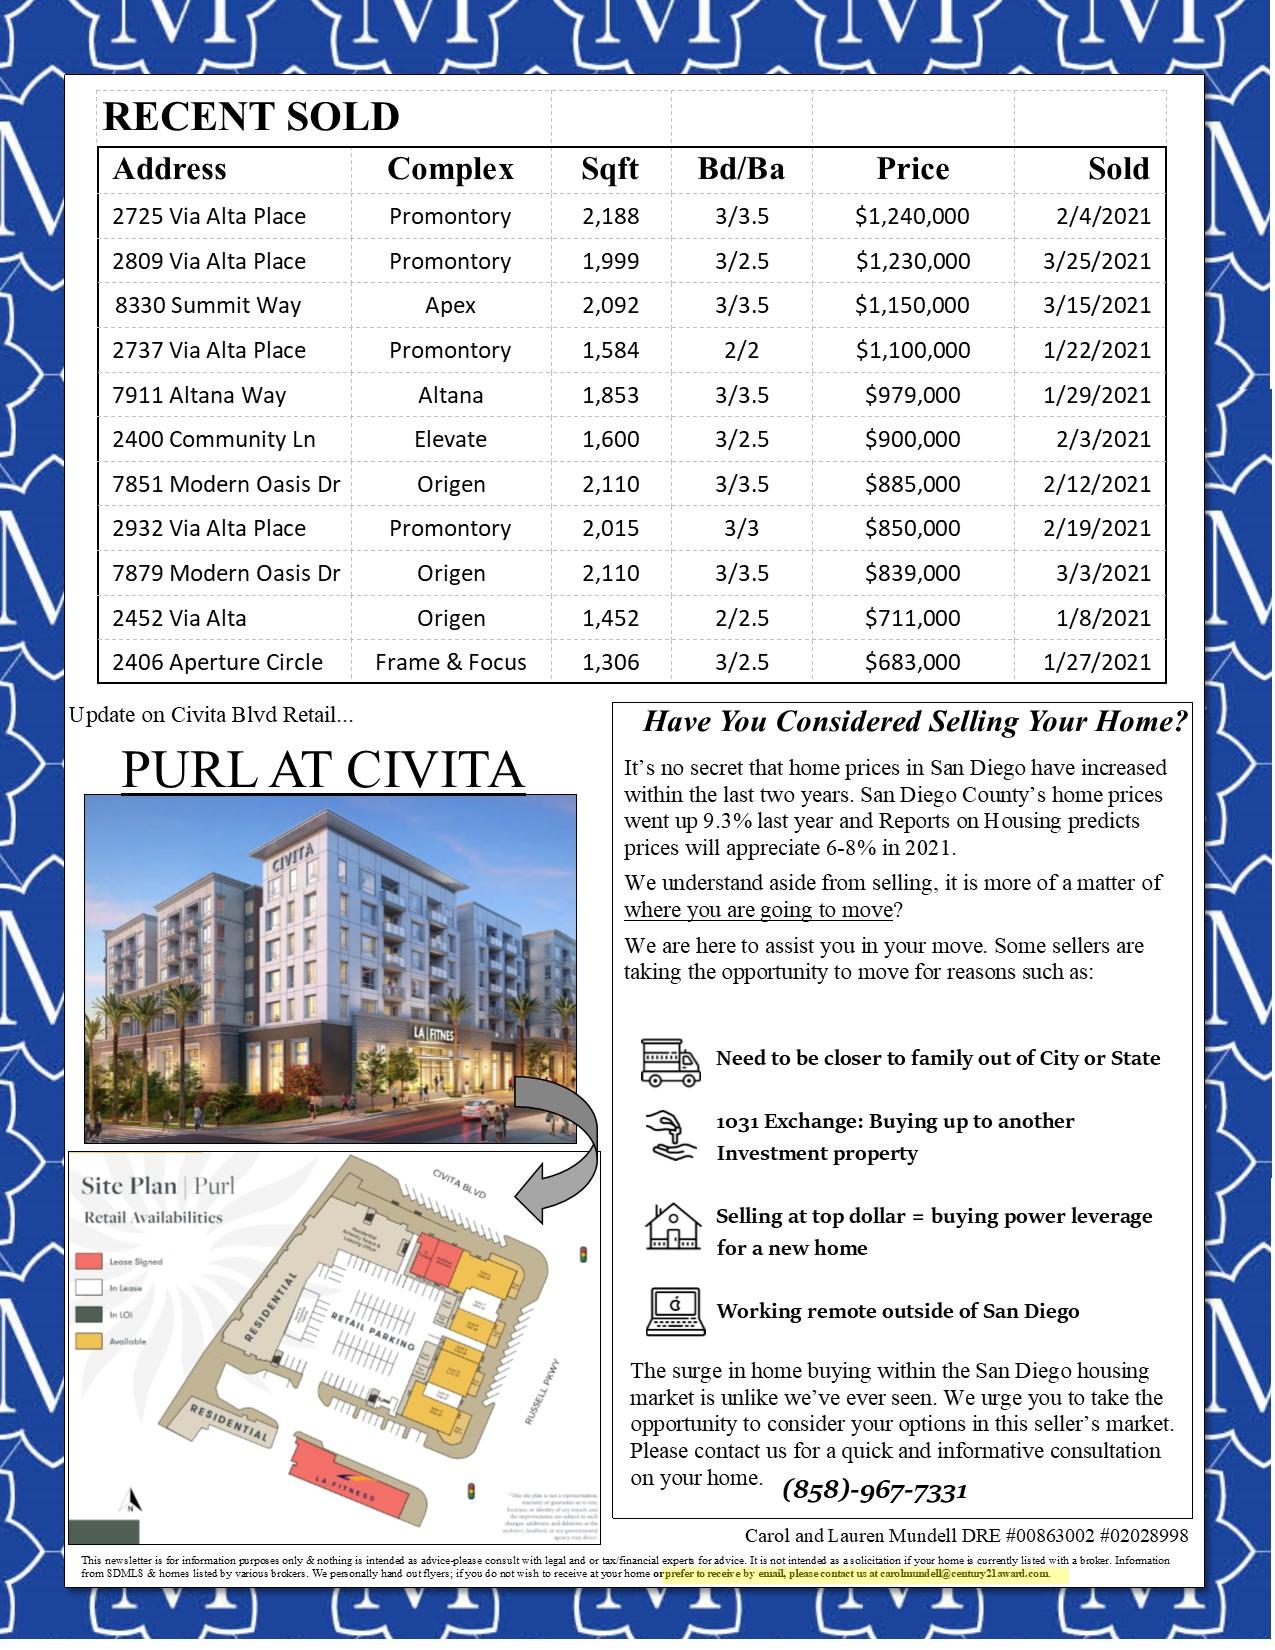 04-21 Civita newsletter2